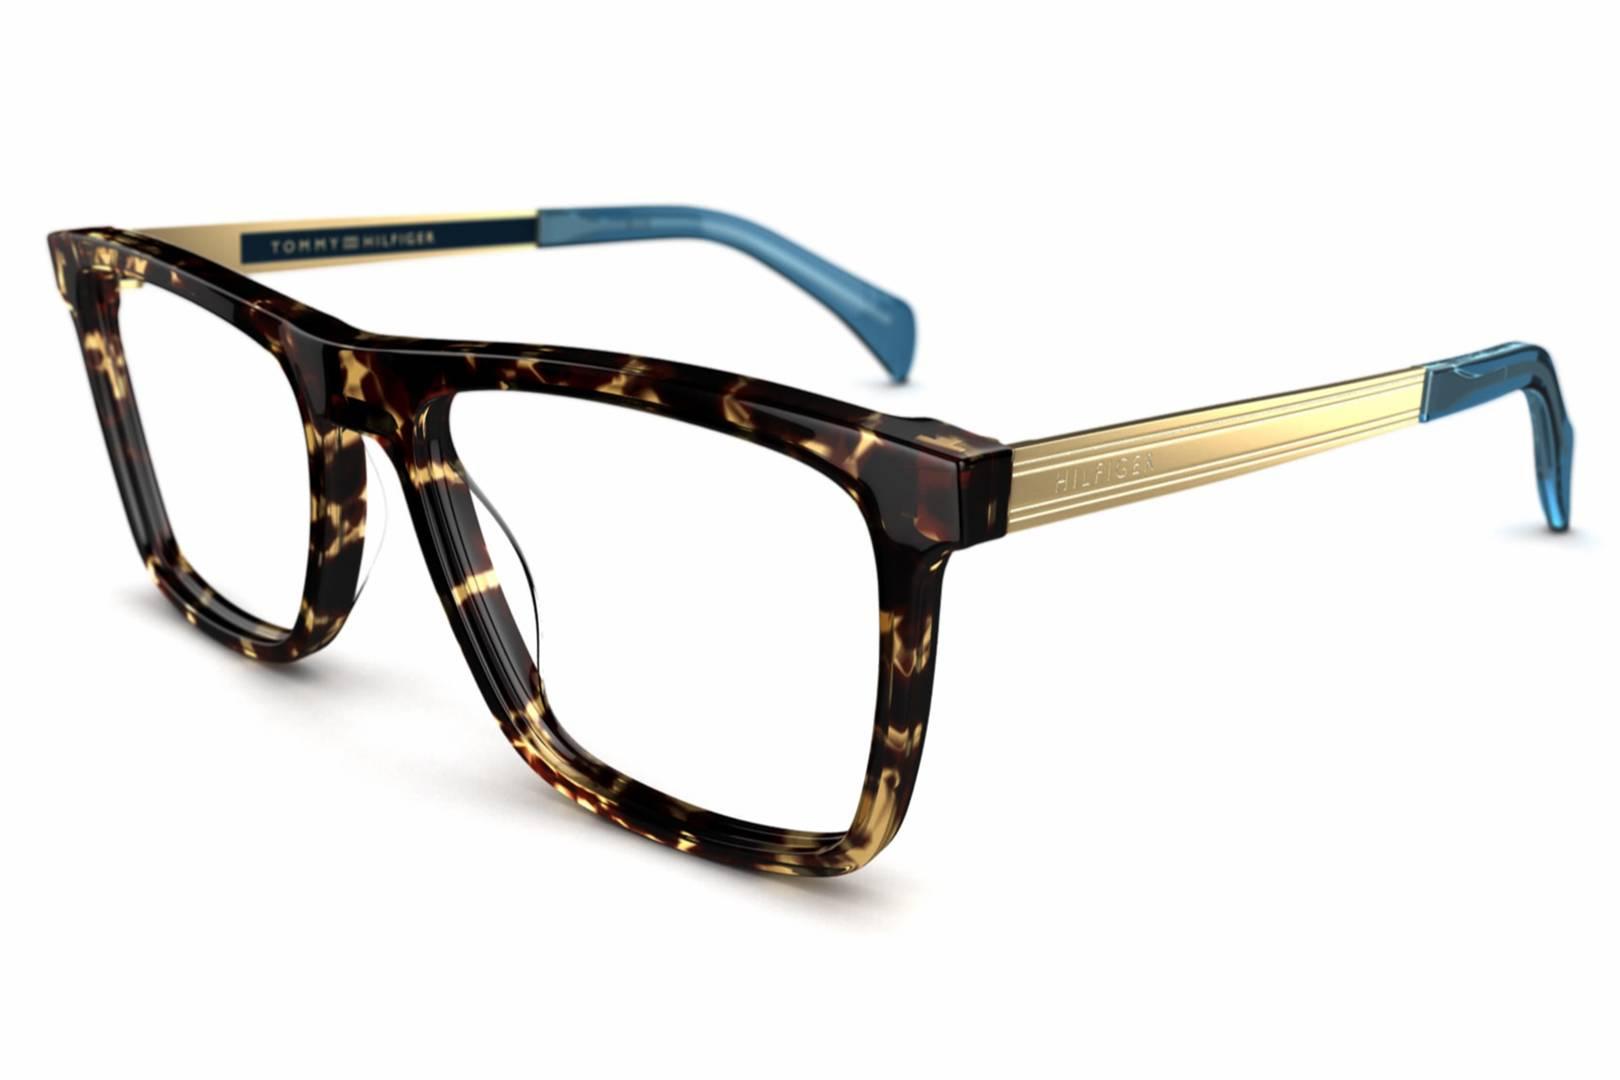 1dcfce8143 Best men s eyeglasses 2019